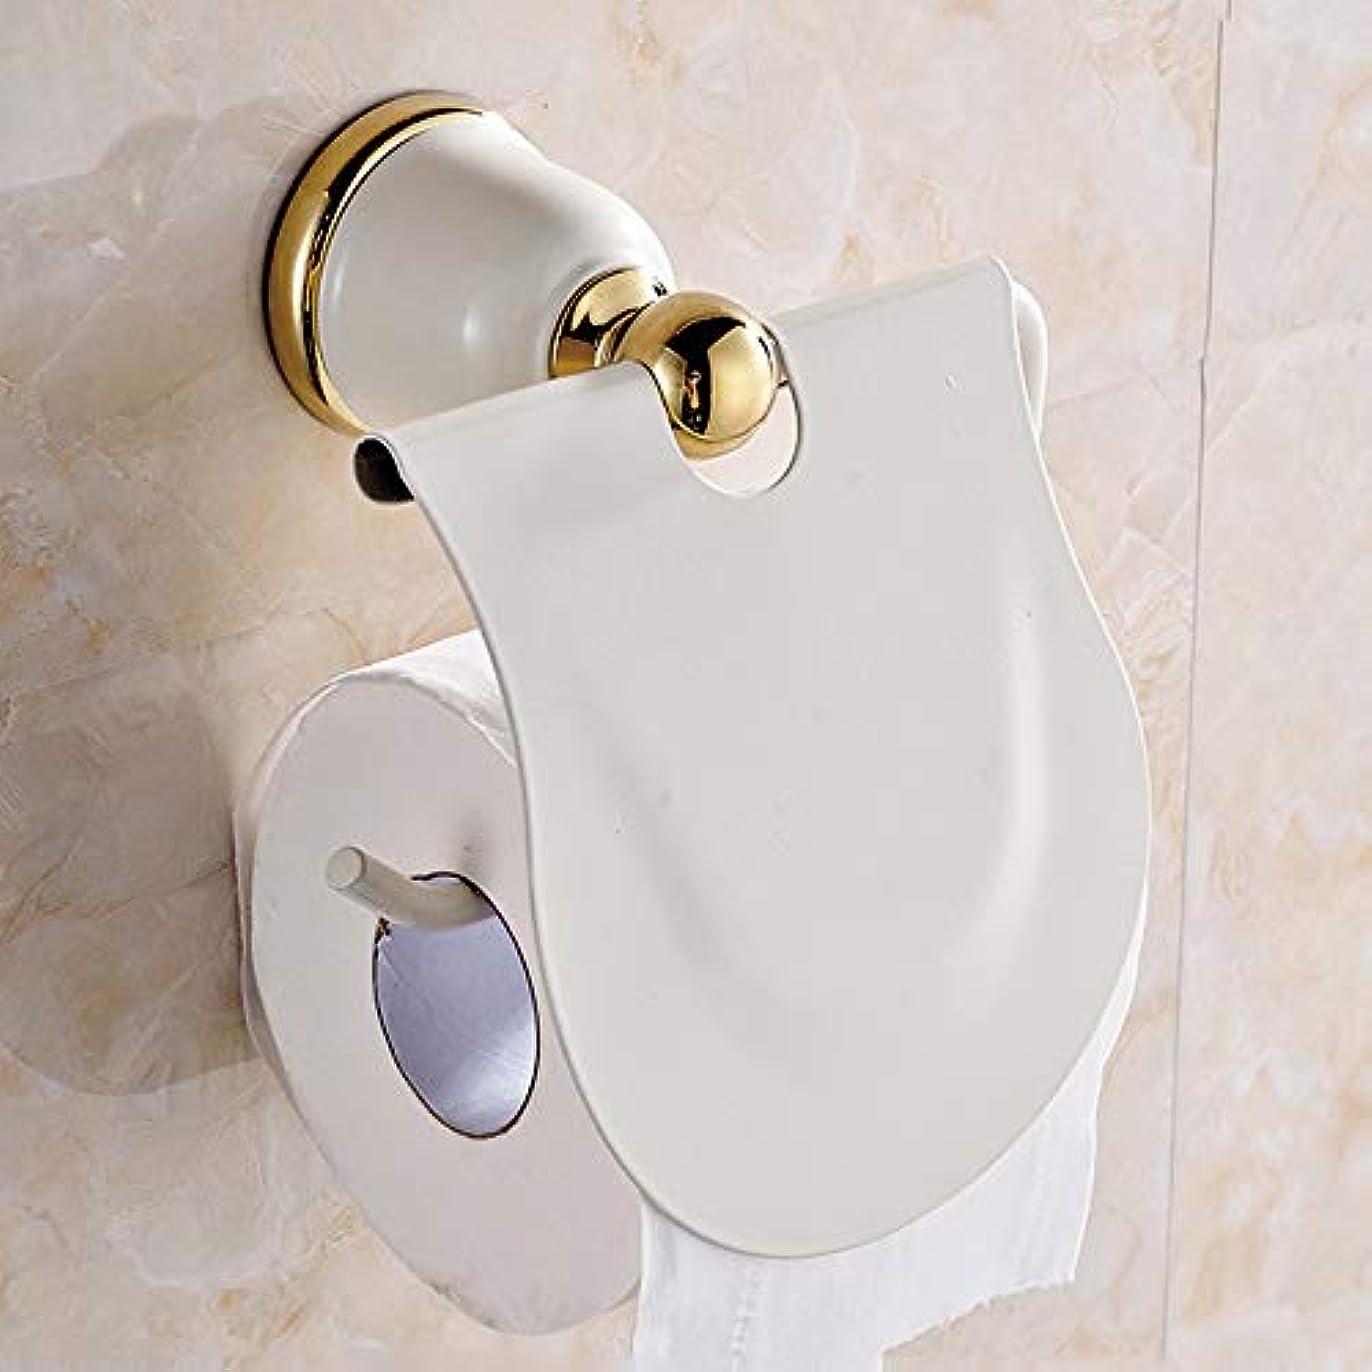 うまくいけば女王磁器ZZLX 紙タオルホルダー、ヨーロピアンパストラルライスホワイトペイントロールカートントイレットペーパーホルダーゴールドアンティークティッシュボックスバスルームペンダント ロングハンドル風呂ブラシ (色 : ゴールド)